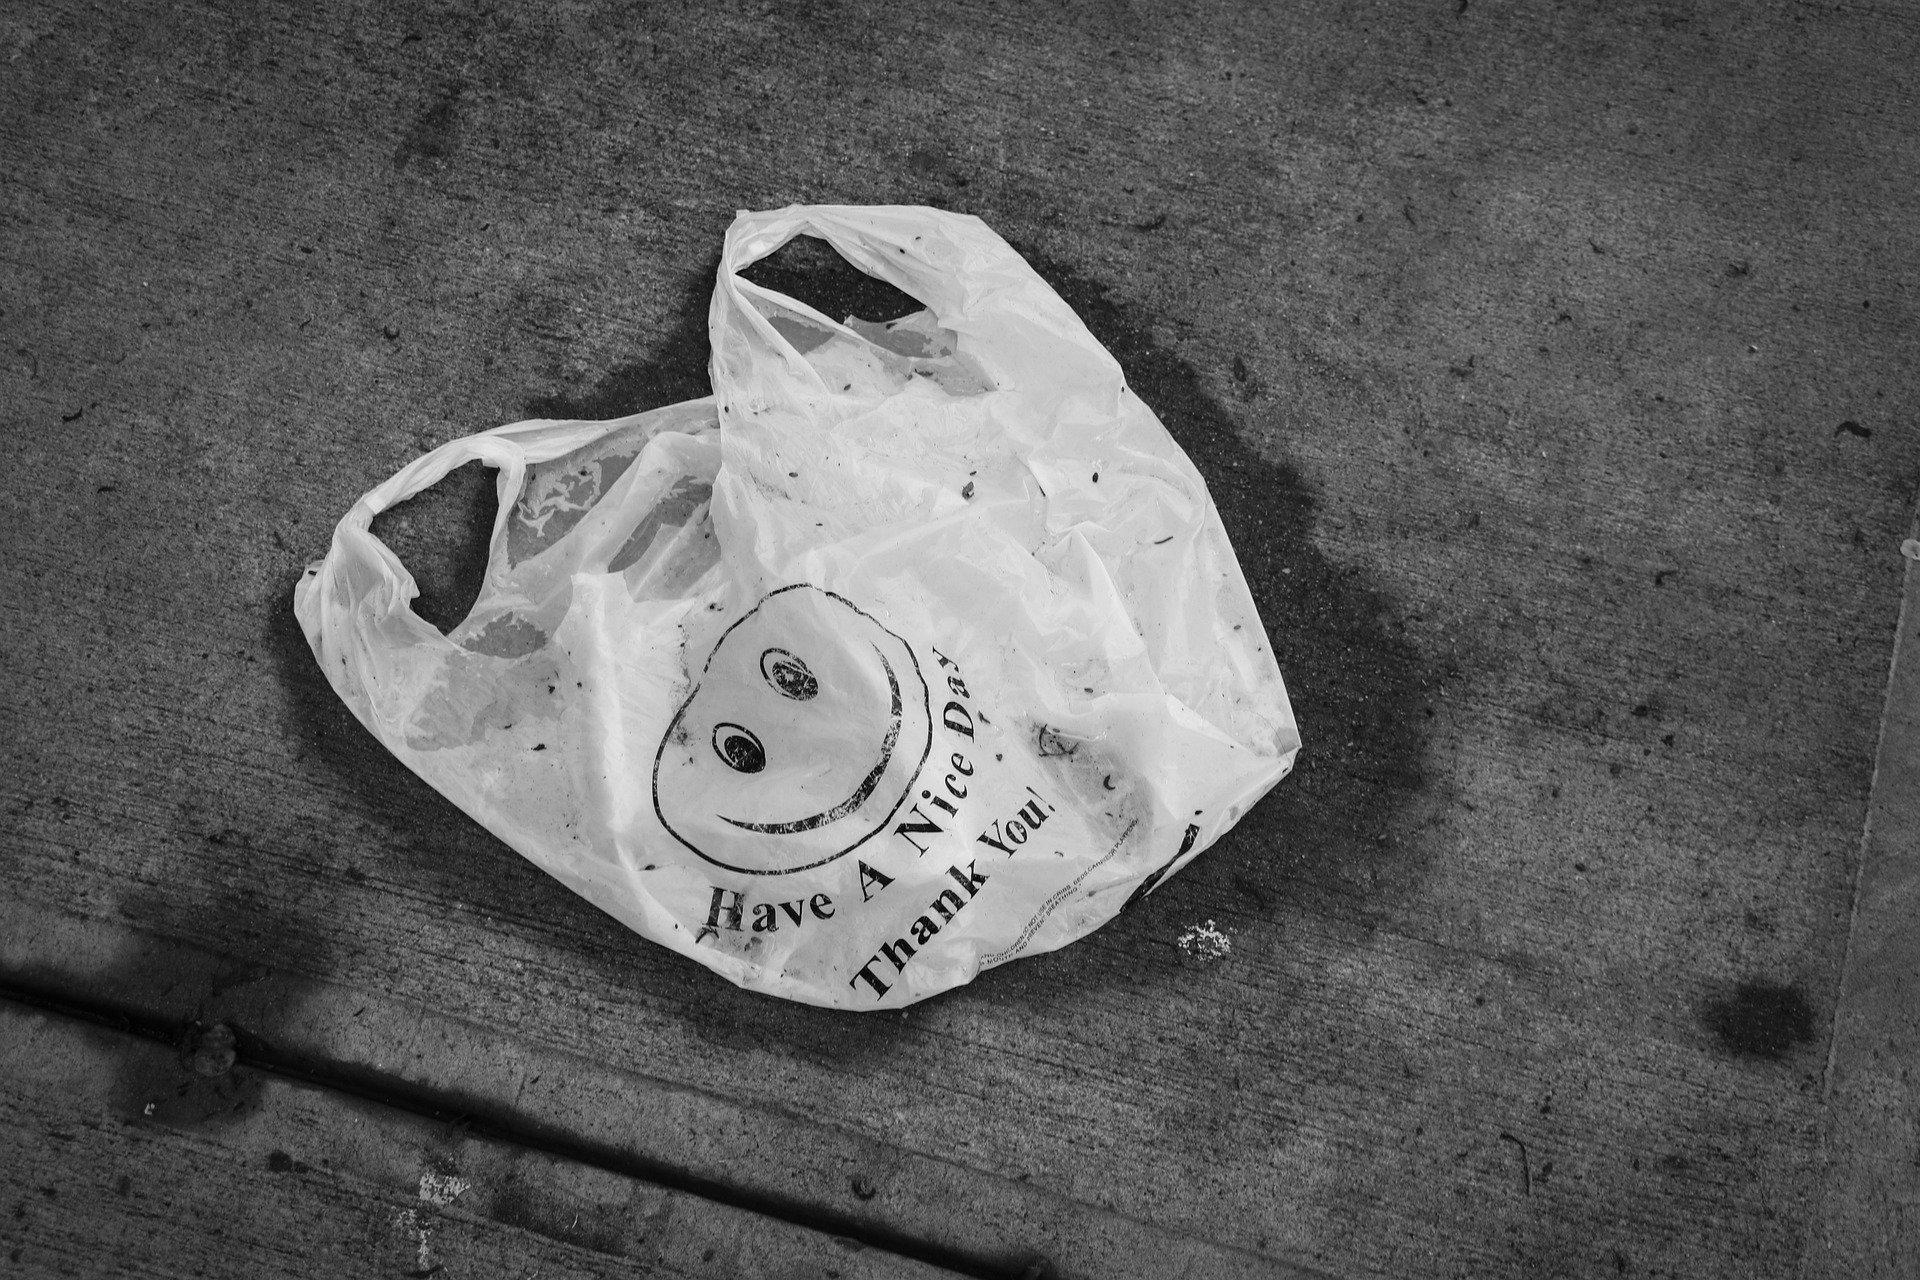 В Австрии с 2020 года действует запрет на пластиковые пакеты